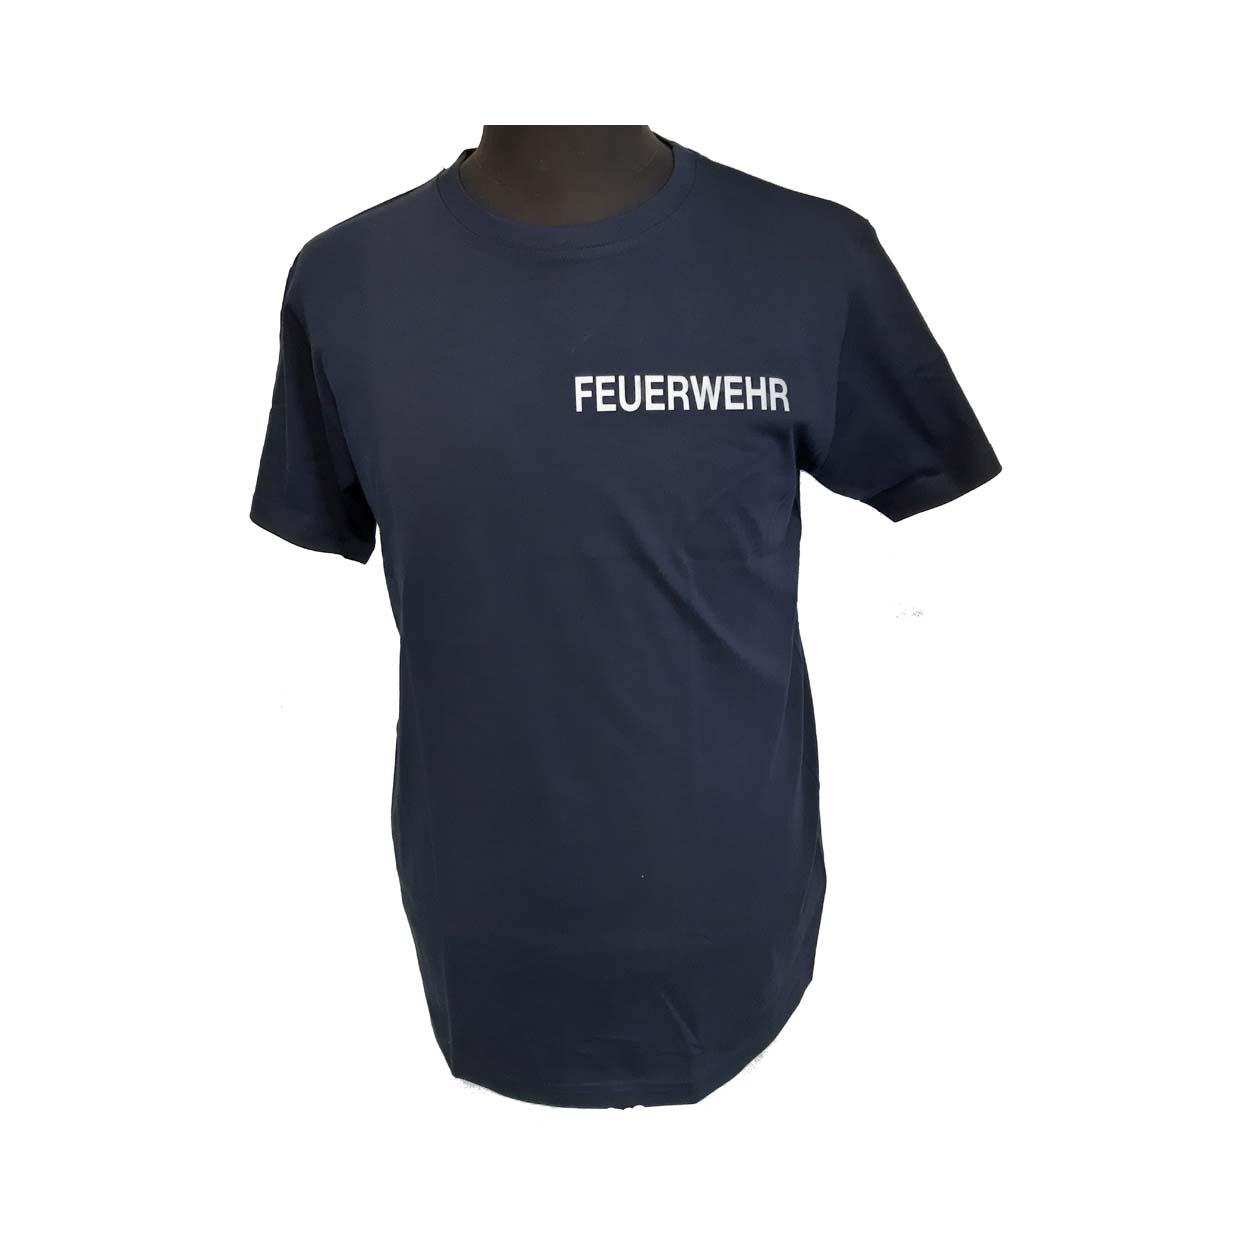 """T-Shirt blau """"FEUERWEHR"""" reflektierend"""